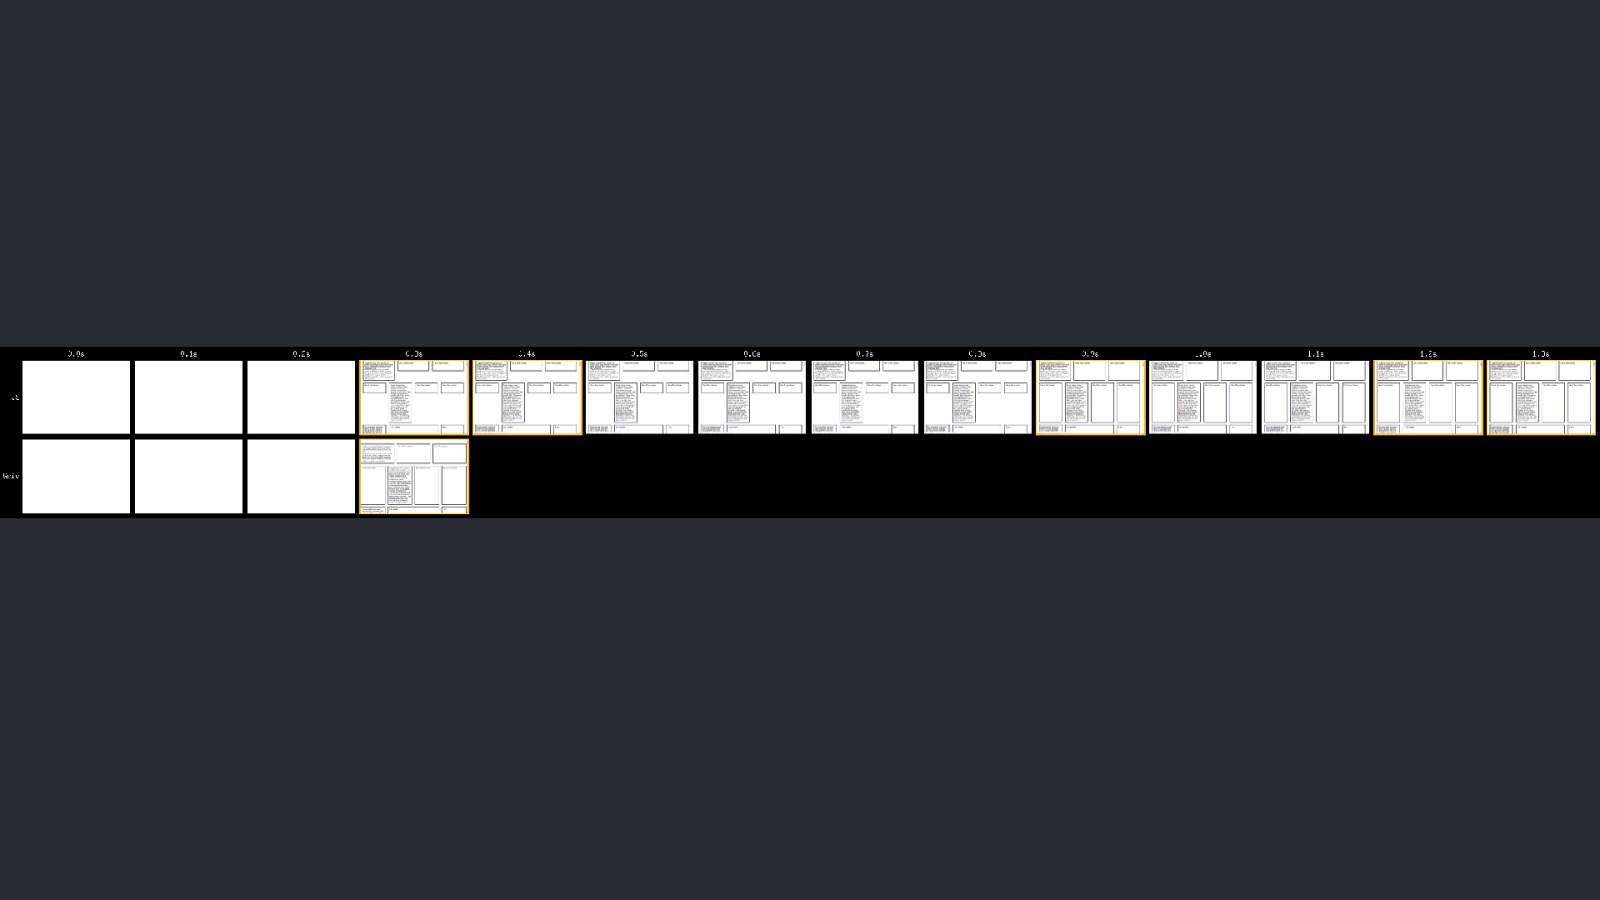 Slide 59